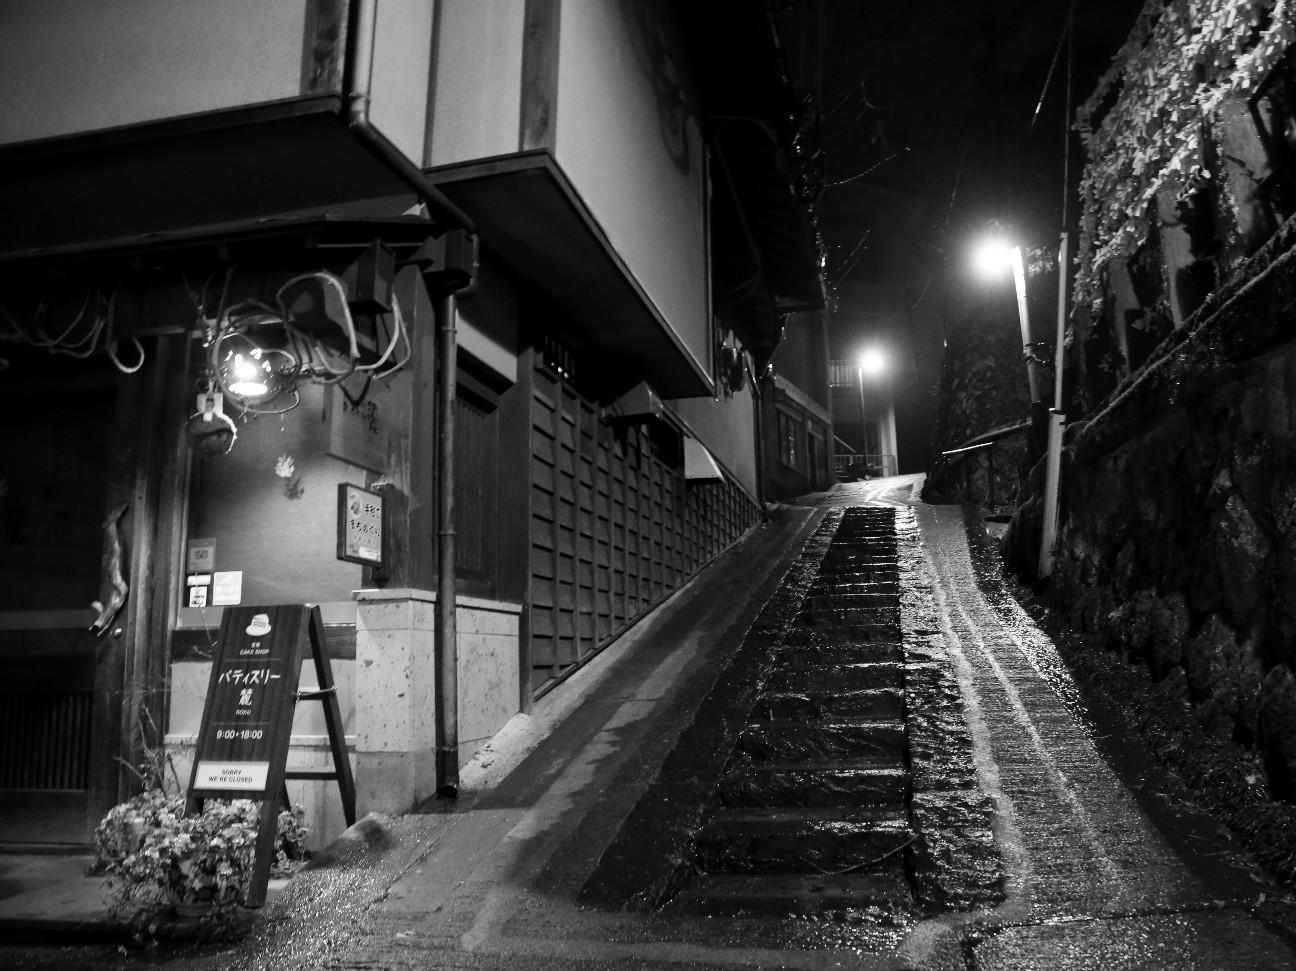 熊本黒川温泉の夜道